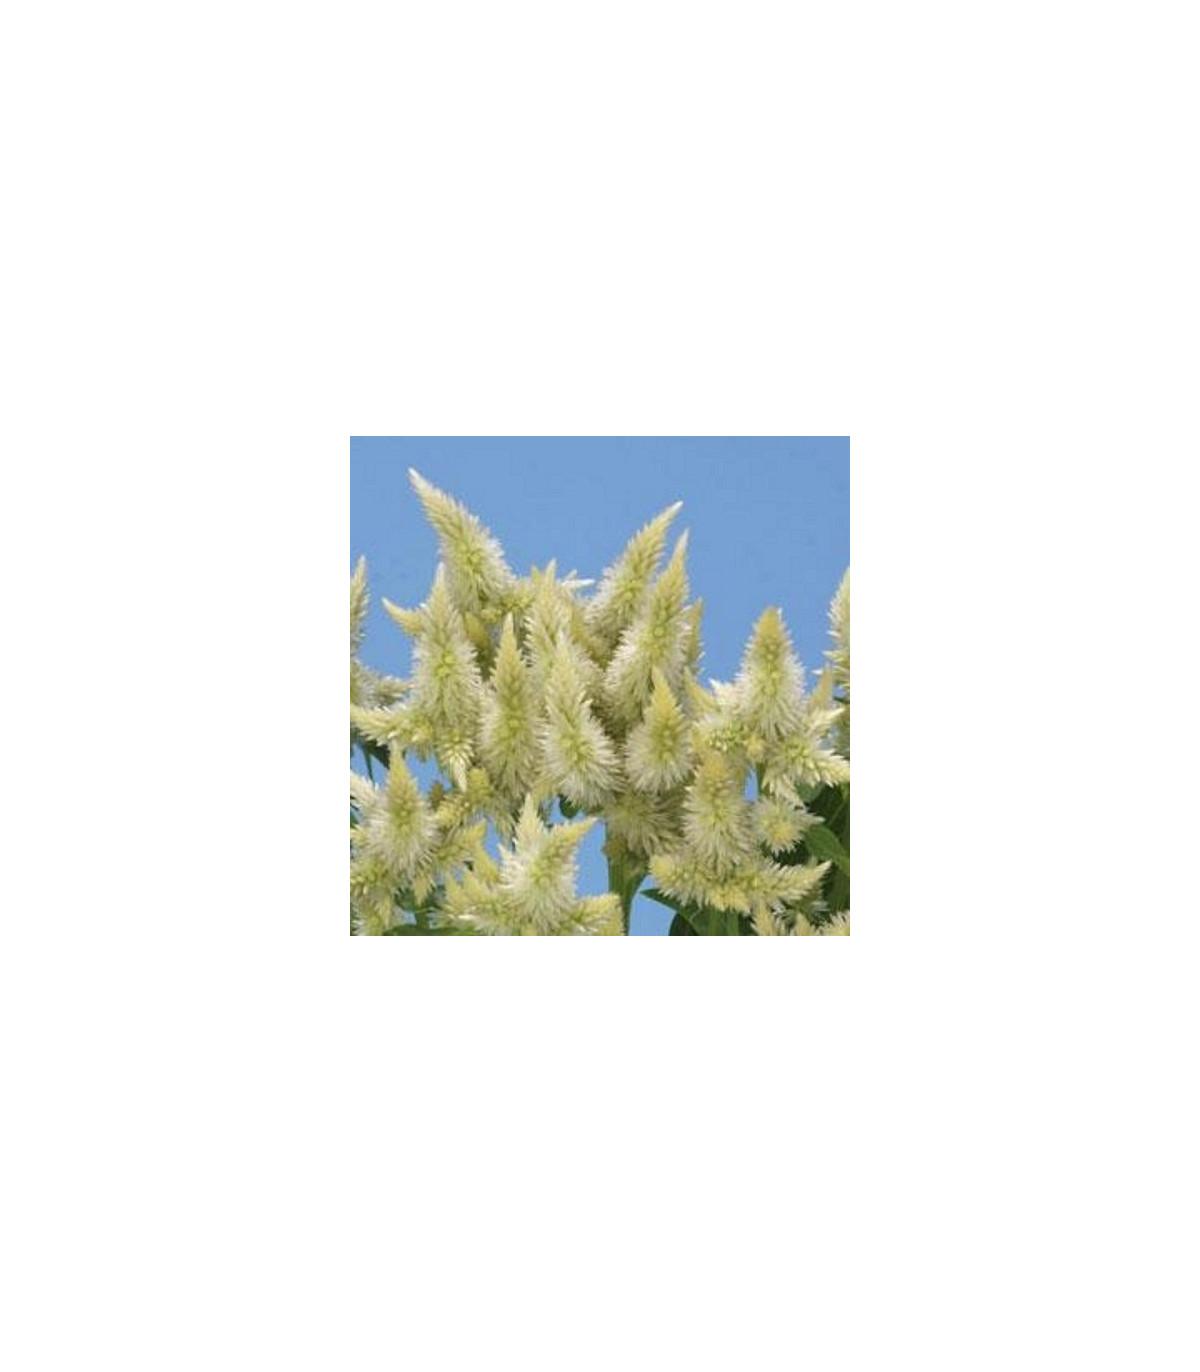 Nevadlec klasnatý bílý - Celosia spicata - semena celosie - 10ks